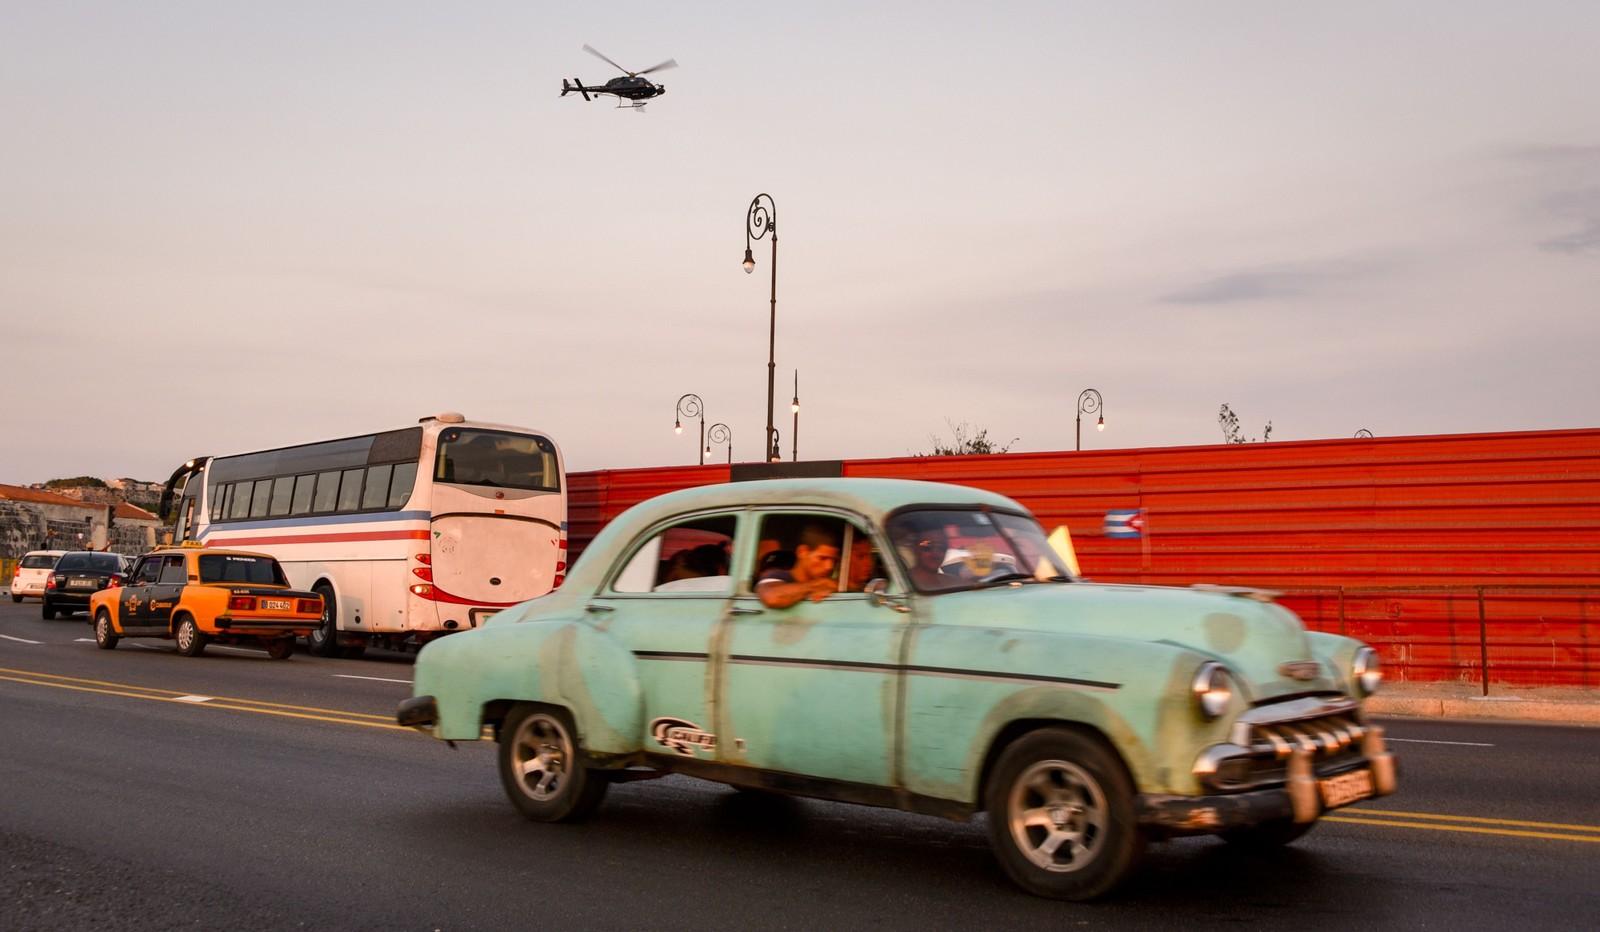 En veteranbil brukt i filmen Fast & Furious 8 ruller på veien i Havanna på Cuba.